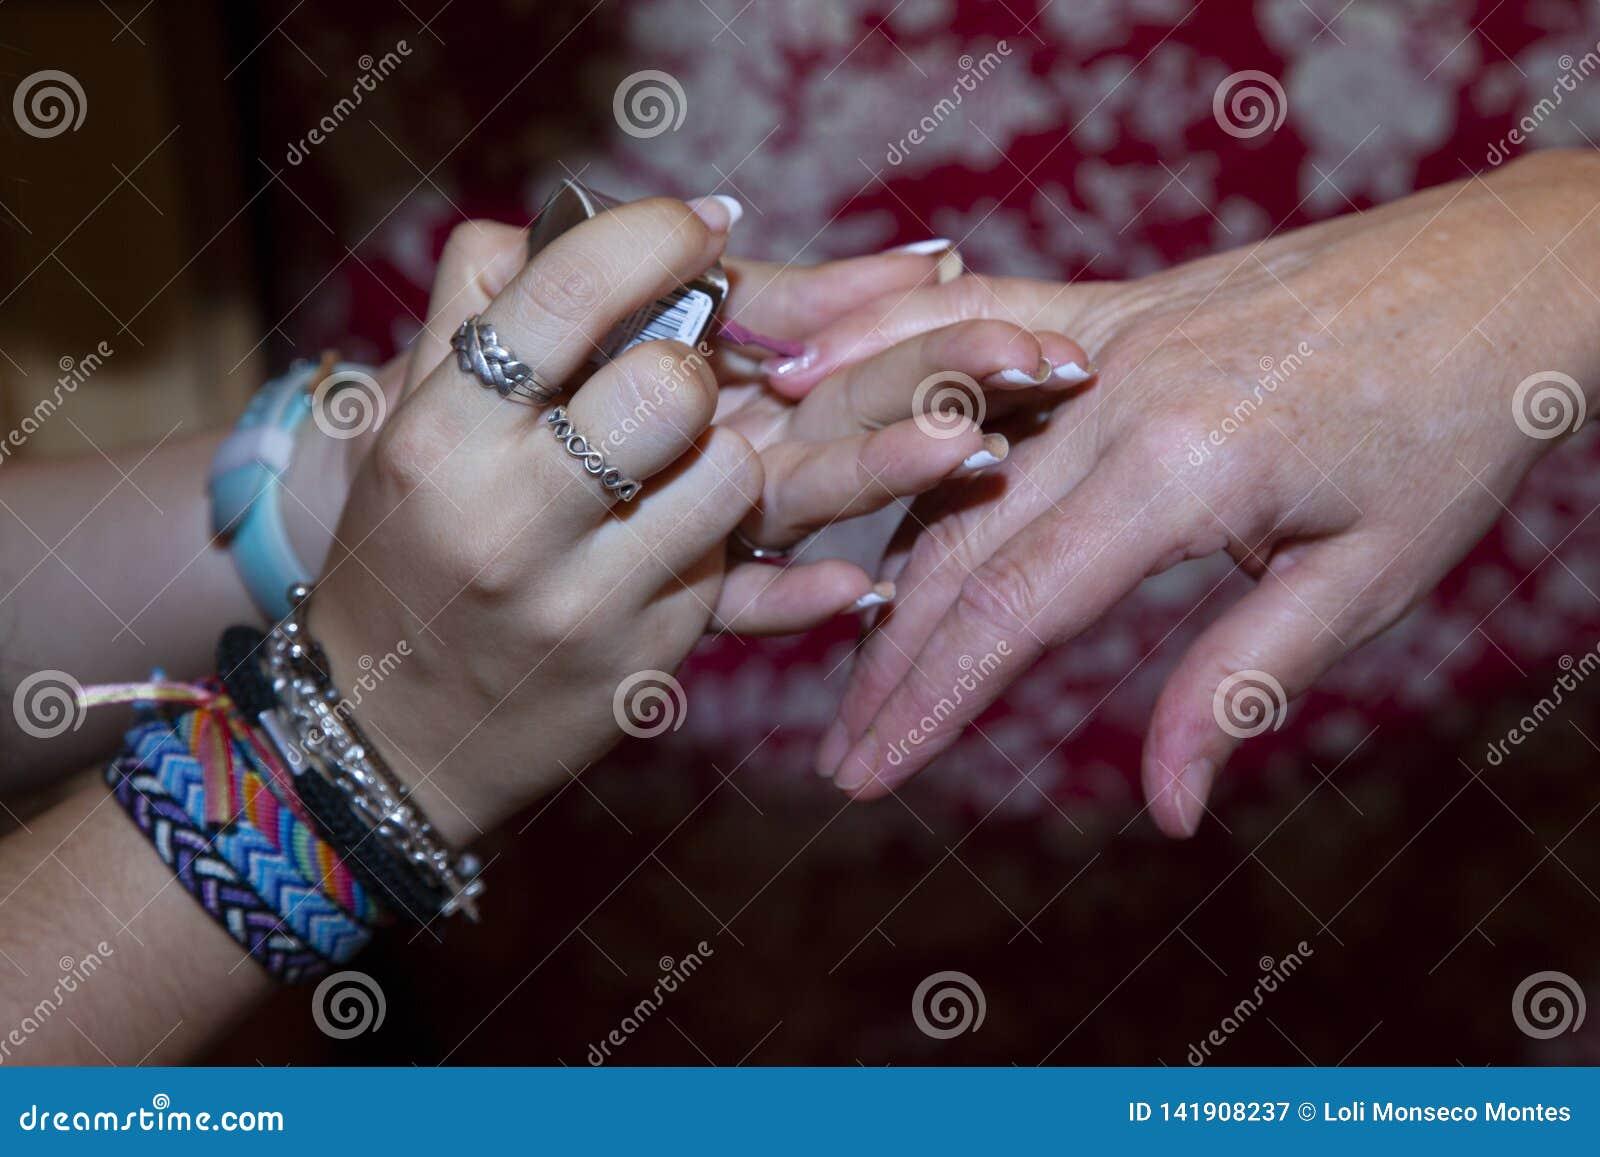 Dettaglio delle mani di una donna due